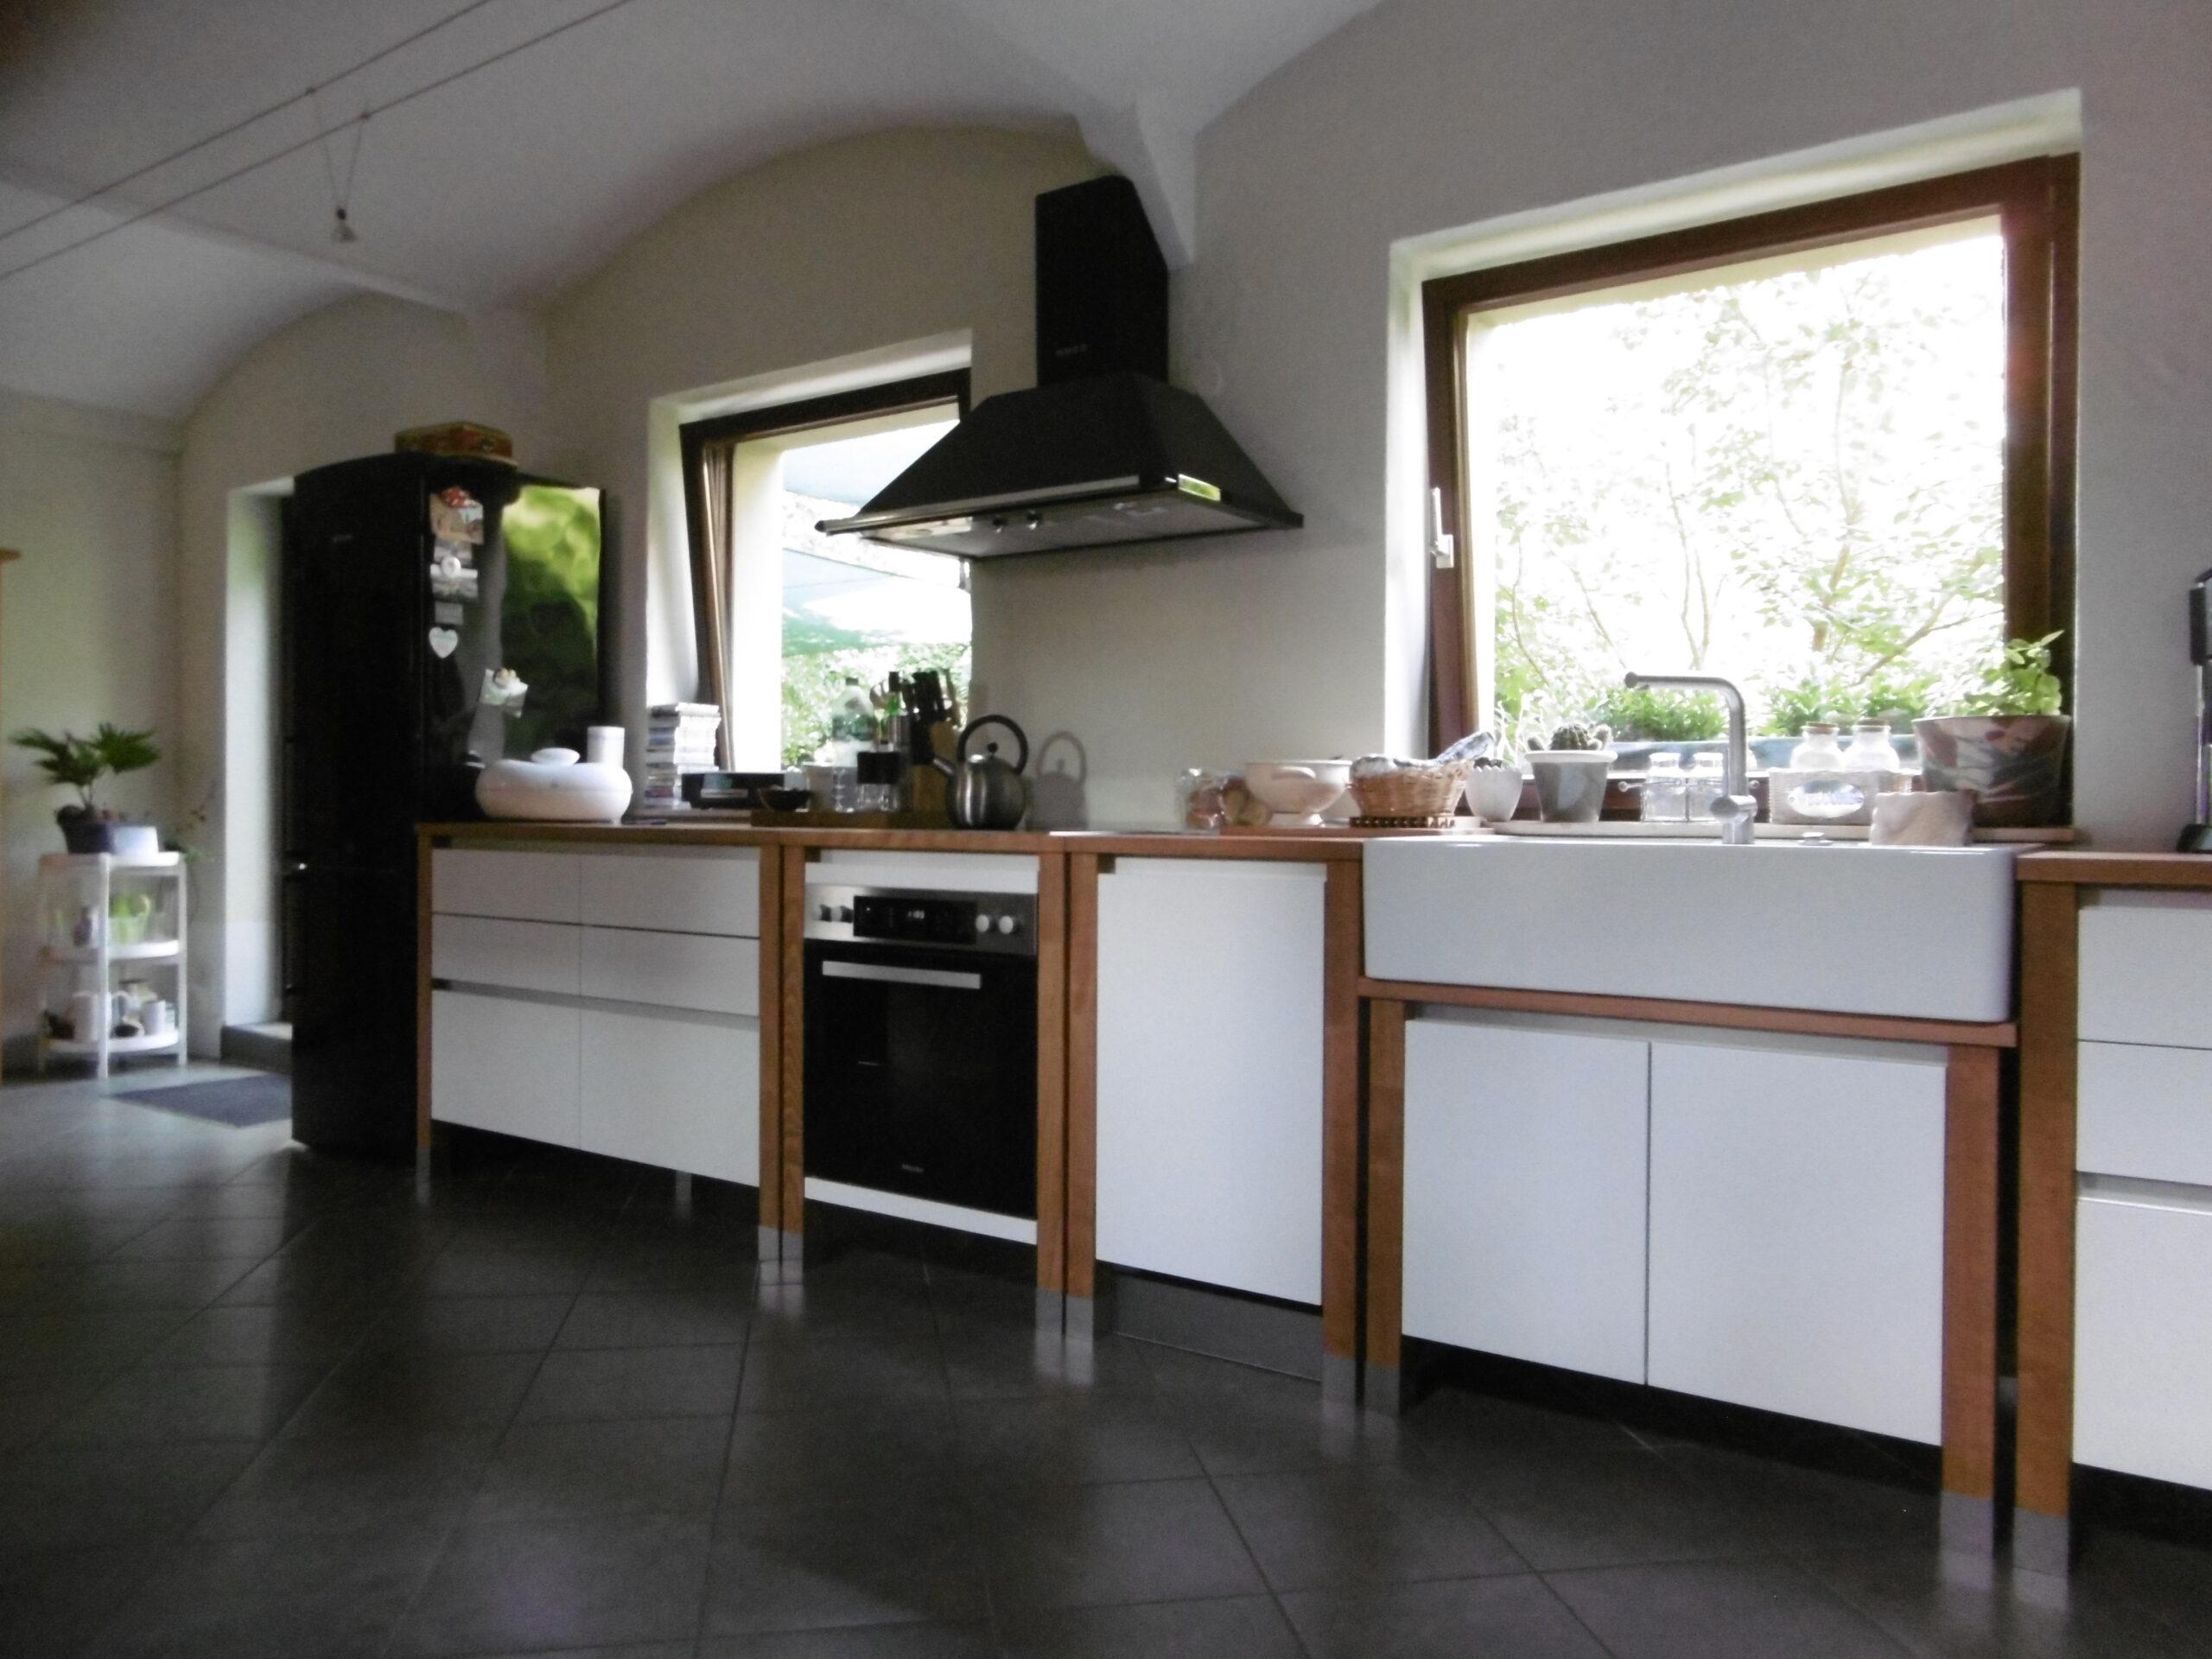 Full Size of Modulküchen Refe Modulkchen Bloc Modulkche Online Kaufen Wohnzimmer Modulküchen